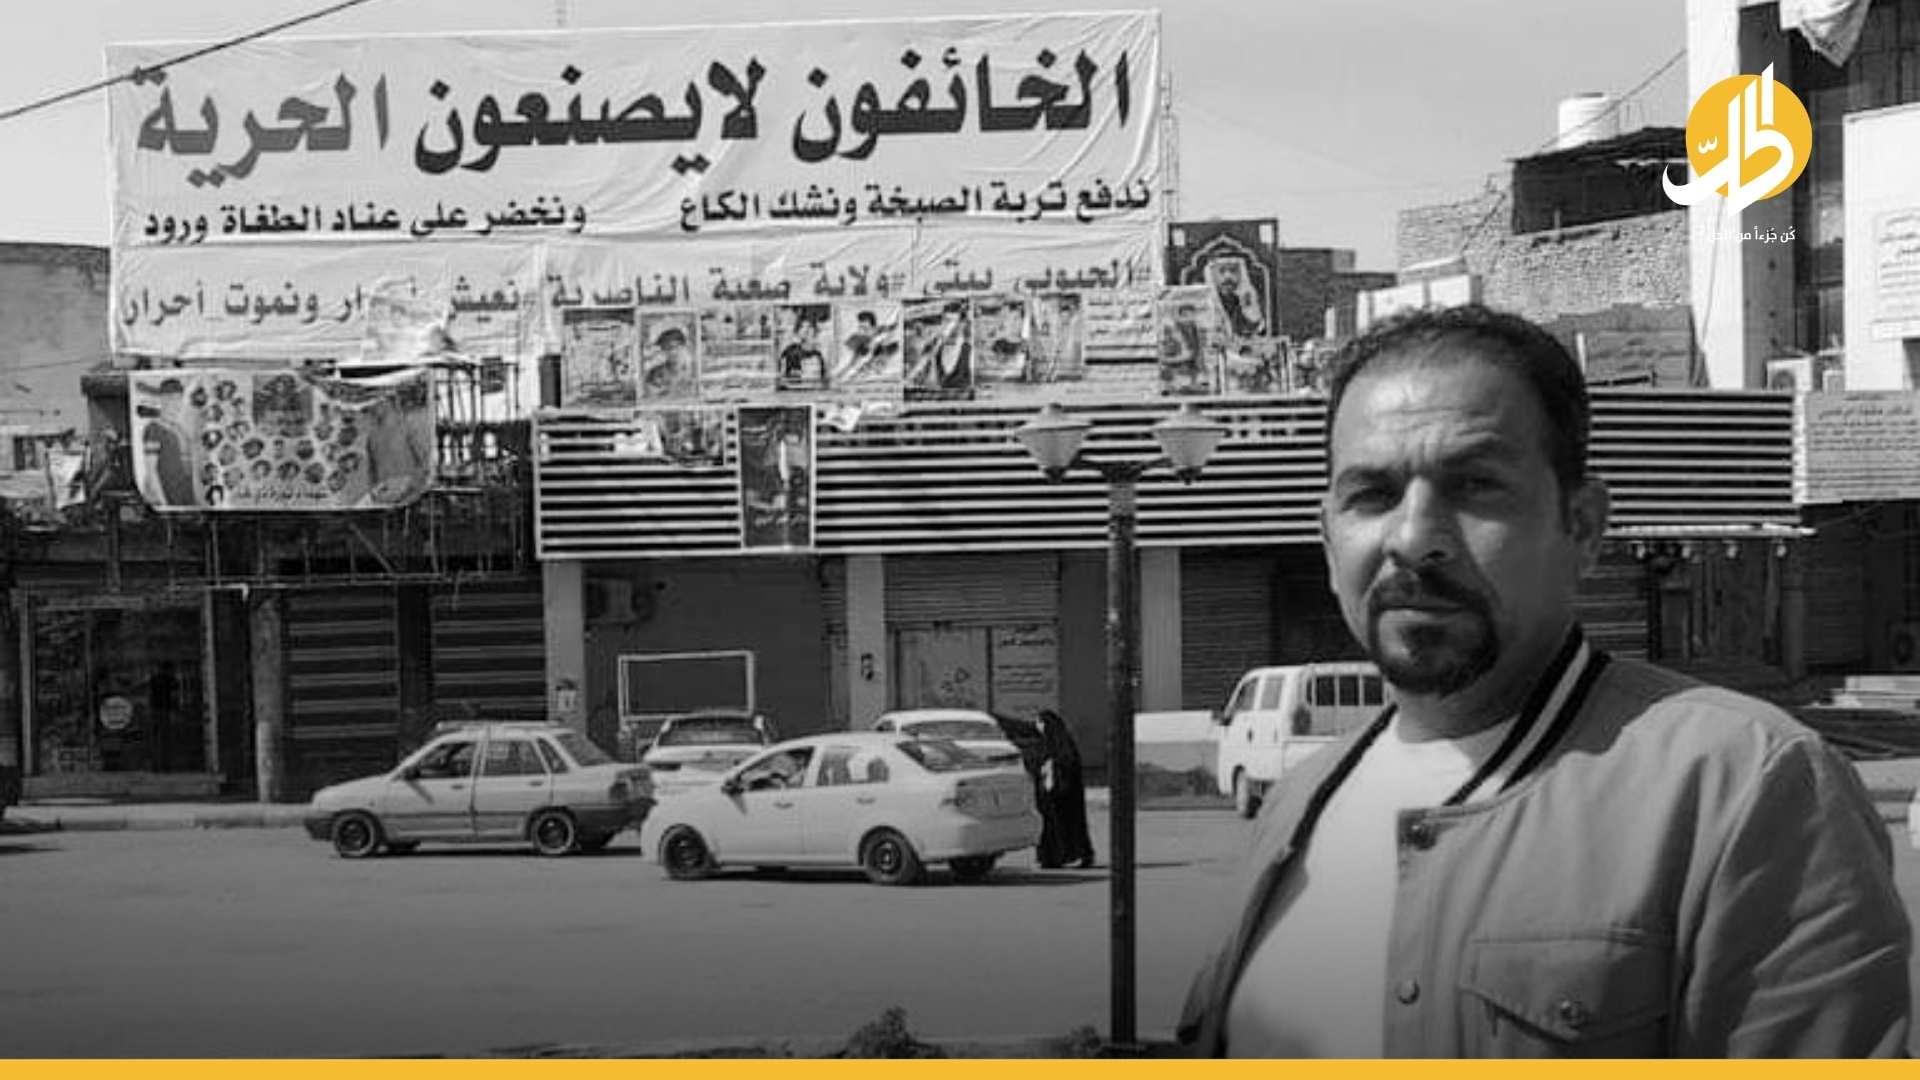 """القصة الكاملة لاعتقال قيادي بالحشد الشعبي.. مُتهم بقتل """"إيهاب الوزني"""""""